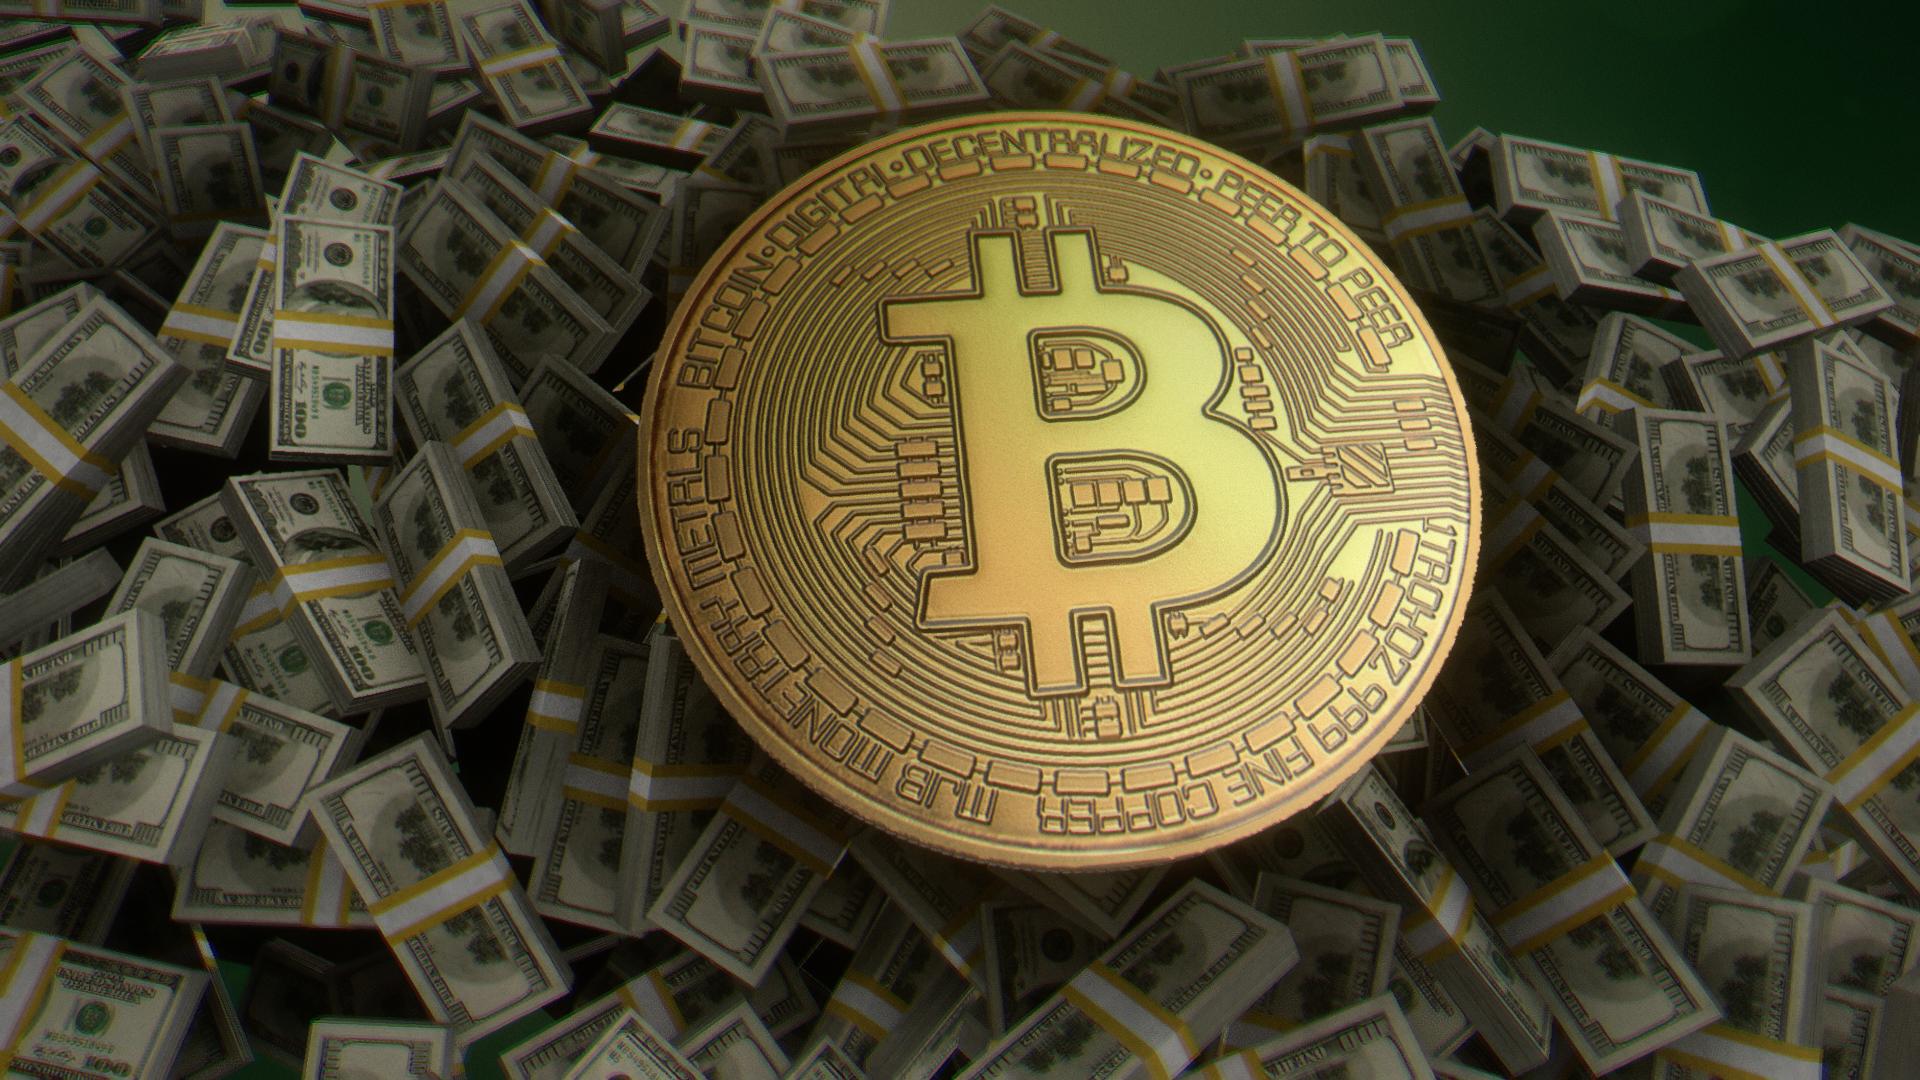 Eine Bitcoin als Goldmünze liegt auf einen Stapel 100-Dollar-Banknoten. Foto: Flying Logos, CC BY-SA 4.0 via Wikimedia Commons